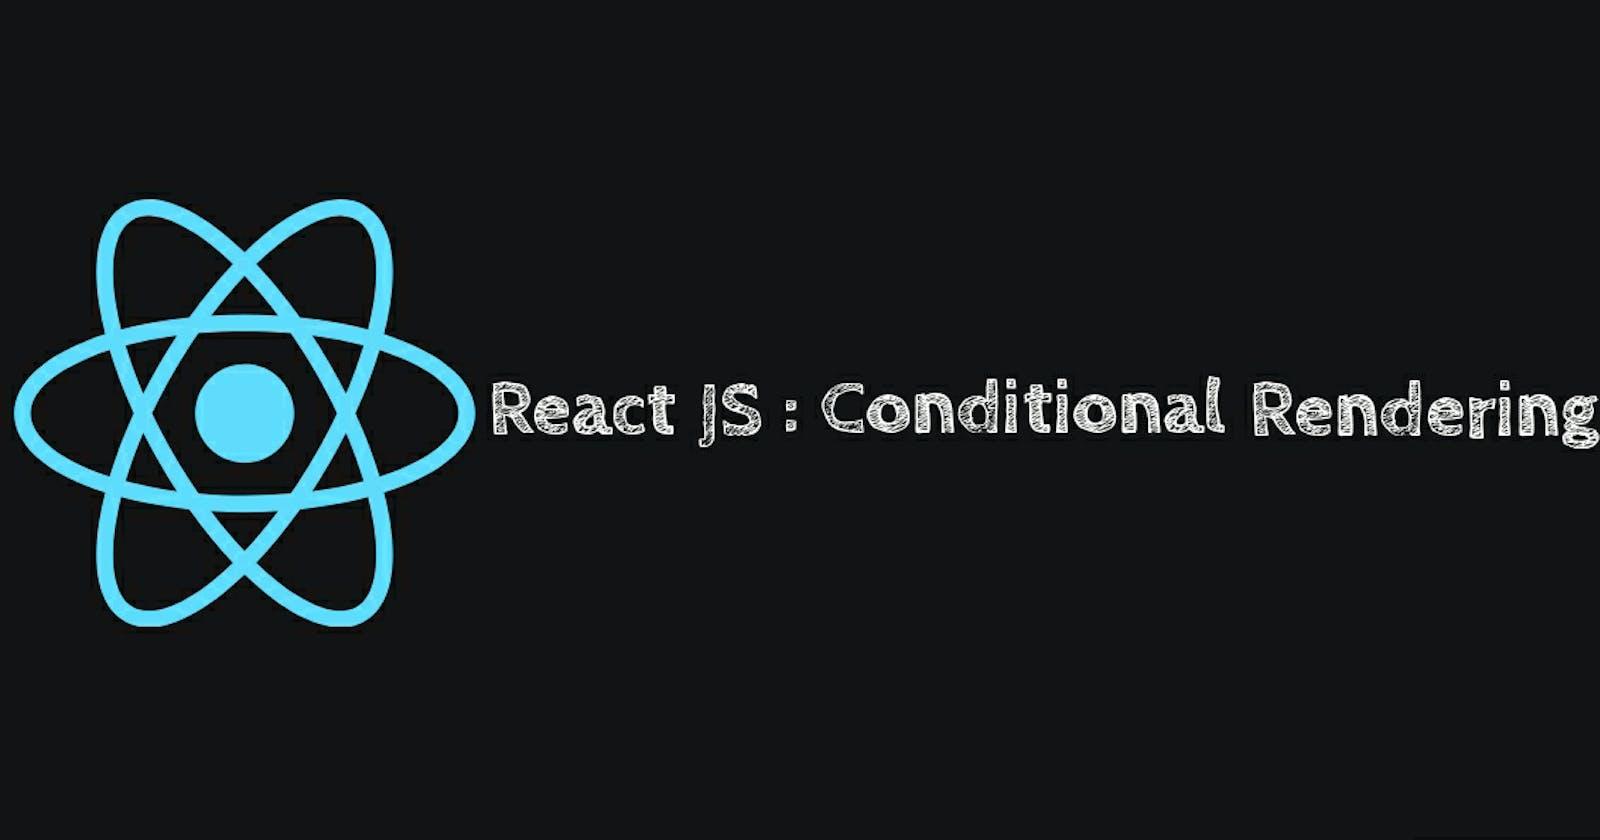 Conditional Rendering in ReactJS